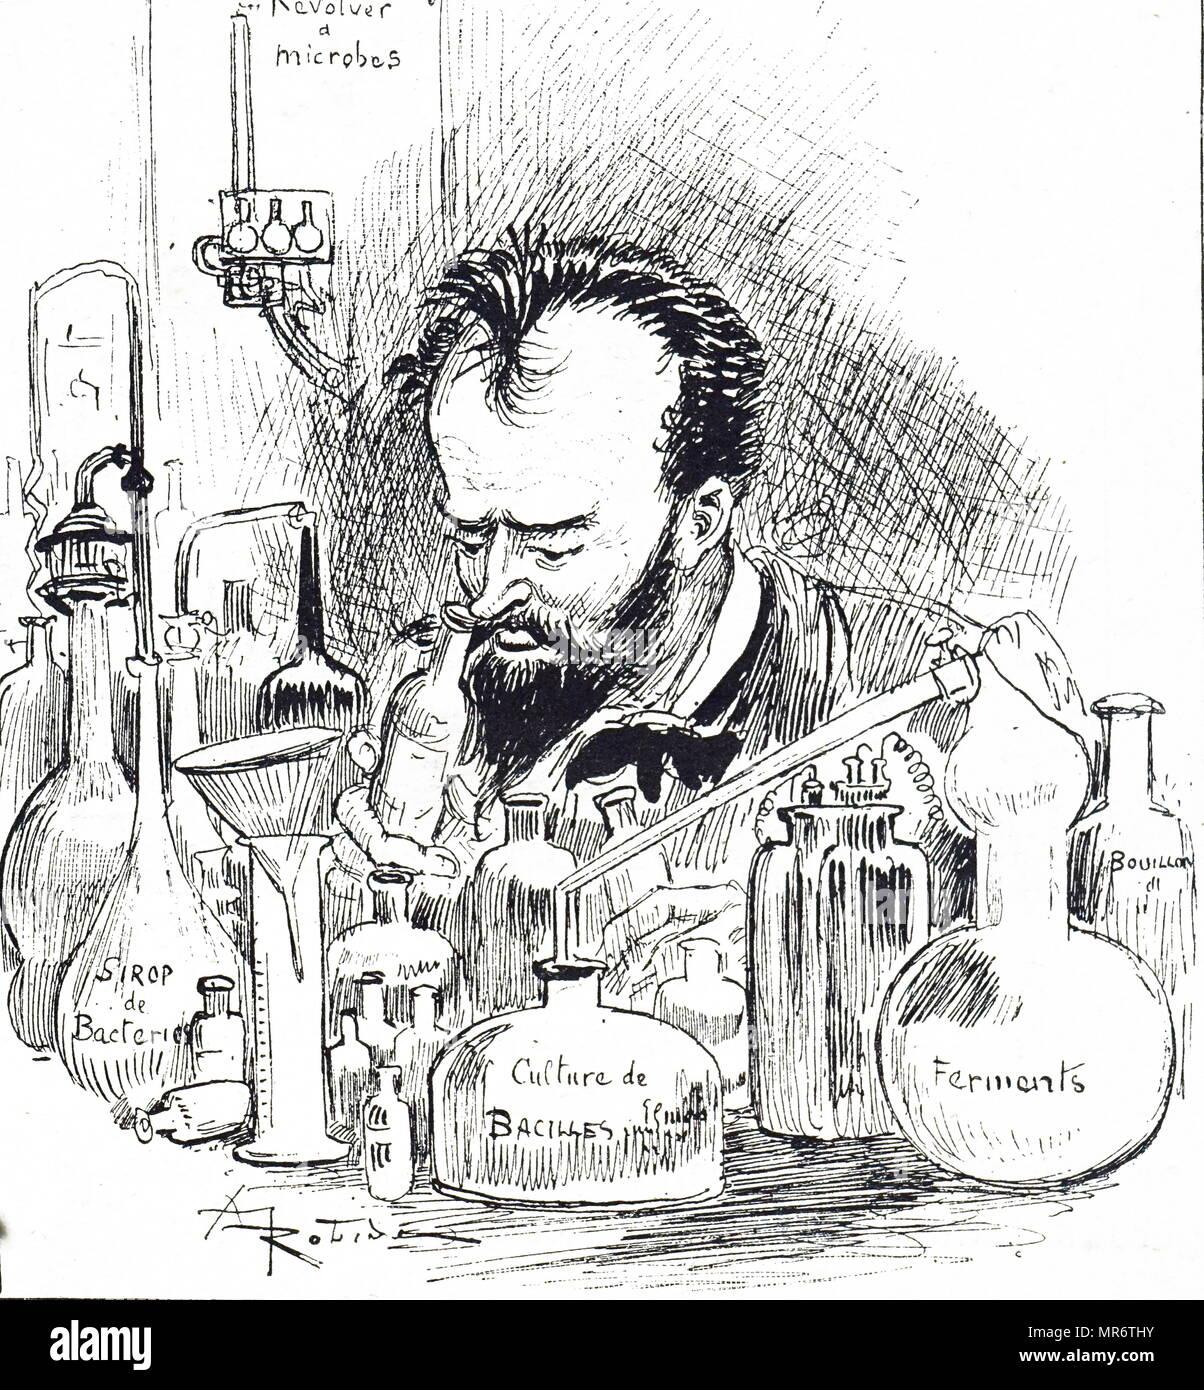 Caricature montrant un ingénieur biologiste dans son laboratoire . En date du 19e siècle Photo Stock